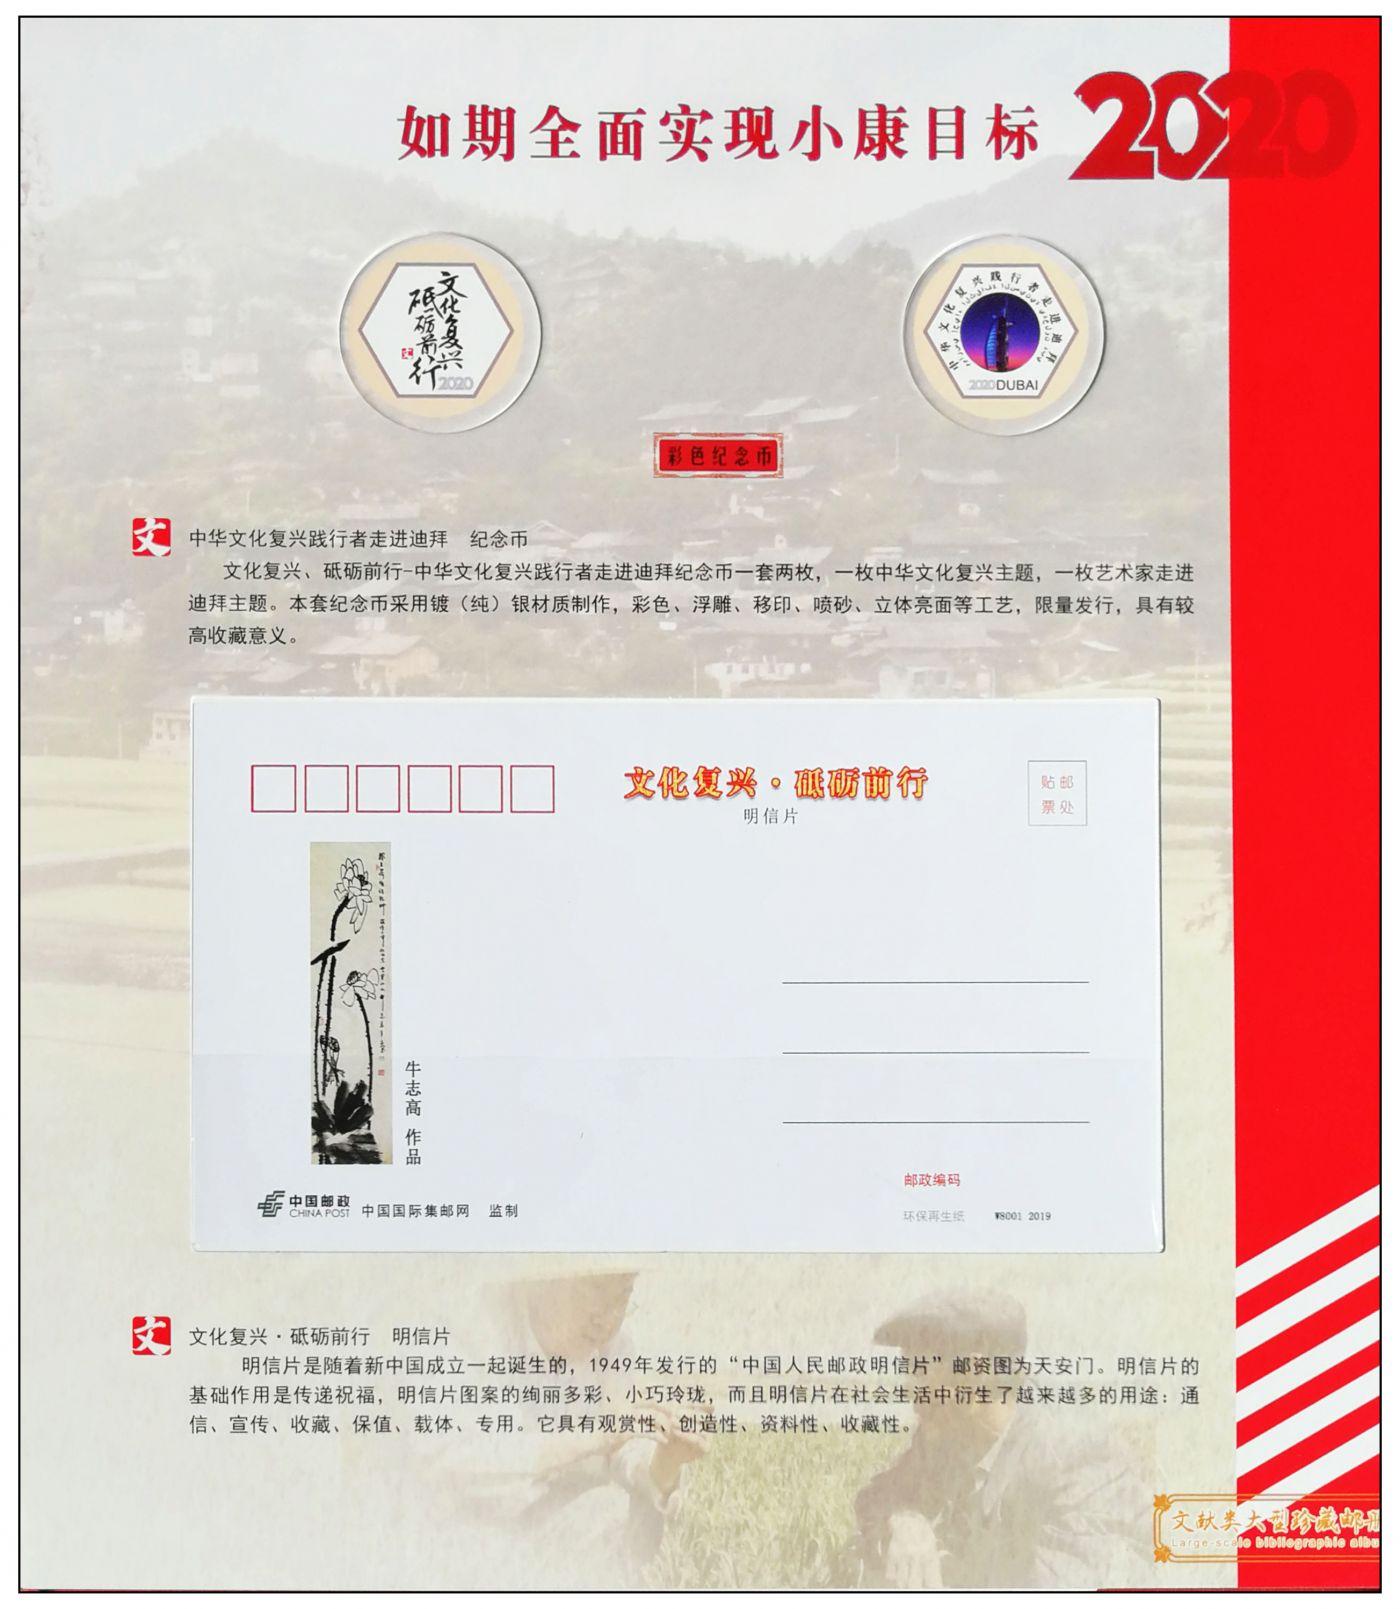 文化复兴----2020年牛志高绘画出版纪念邮票_图1-5